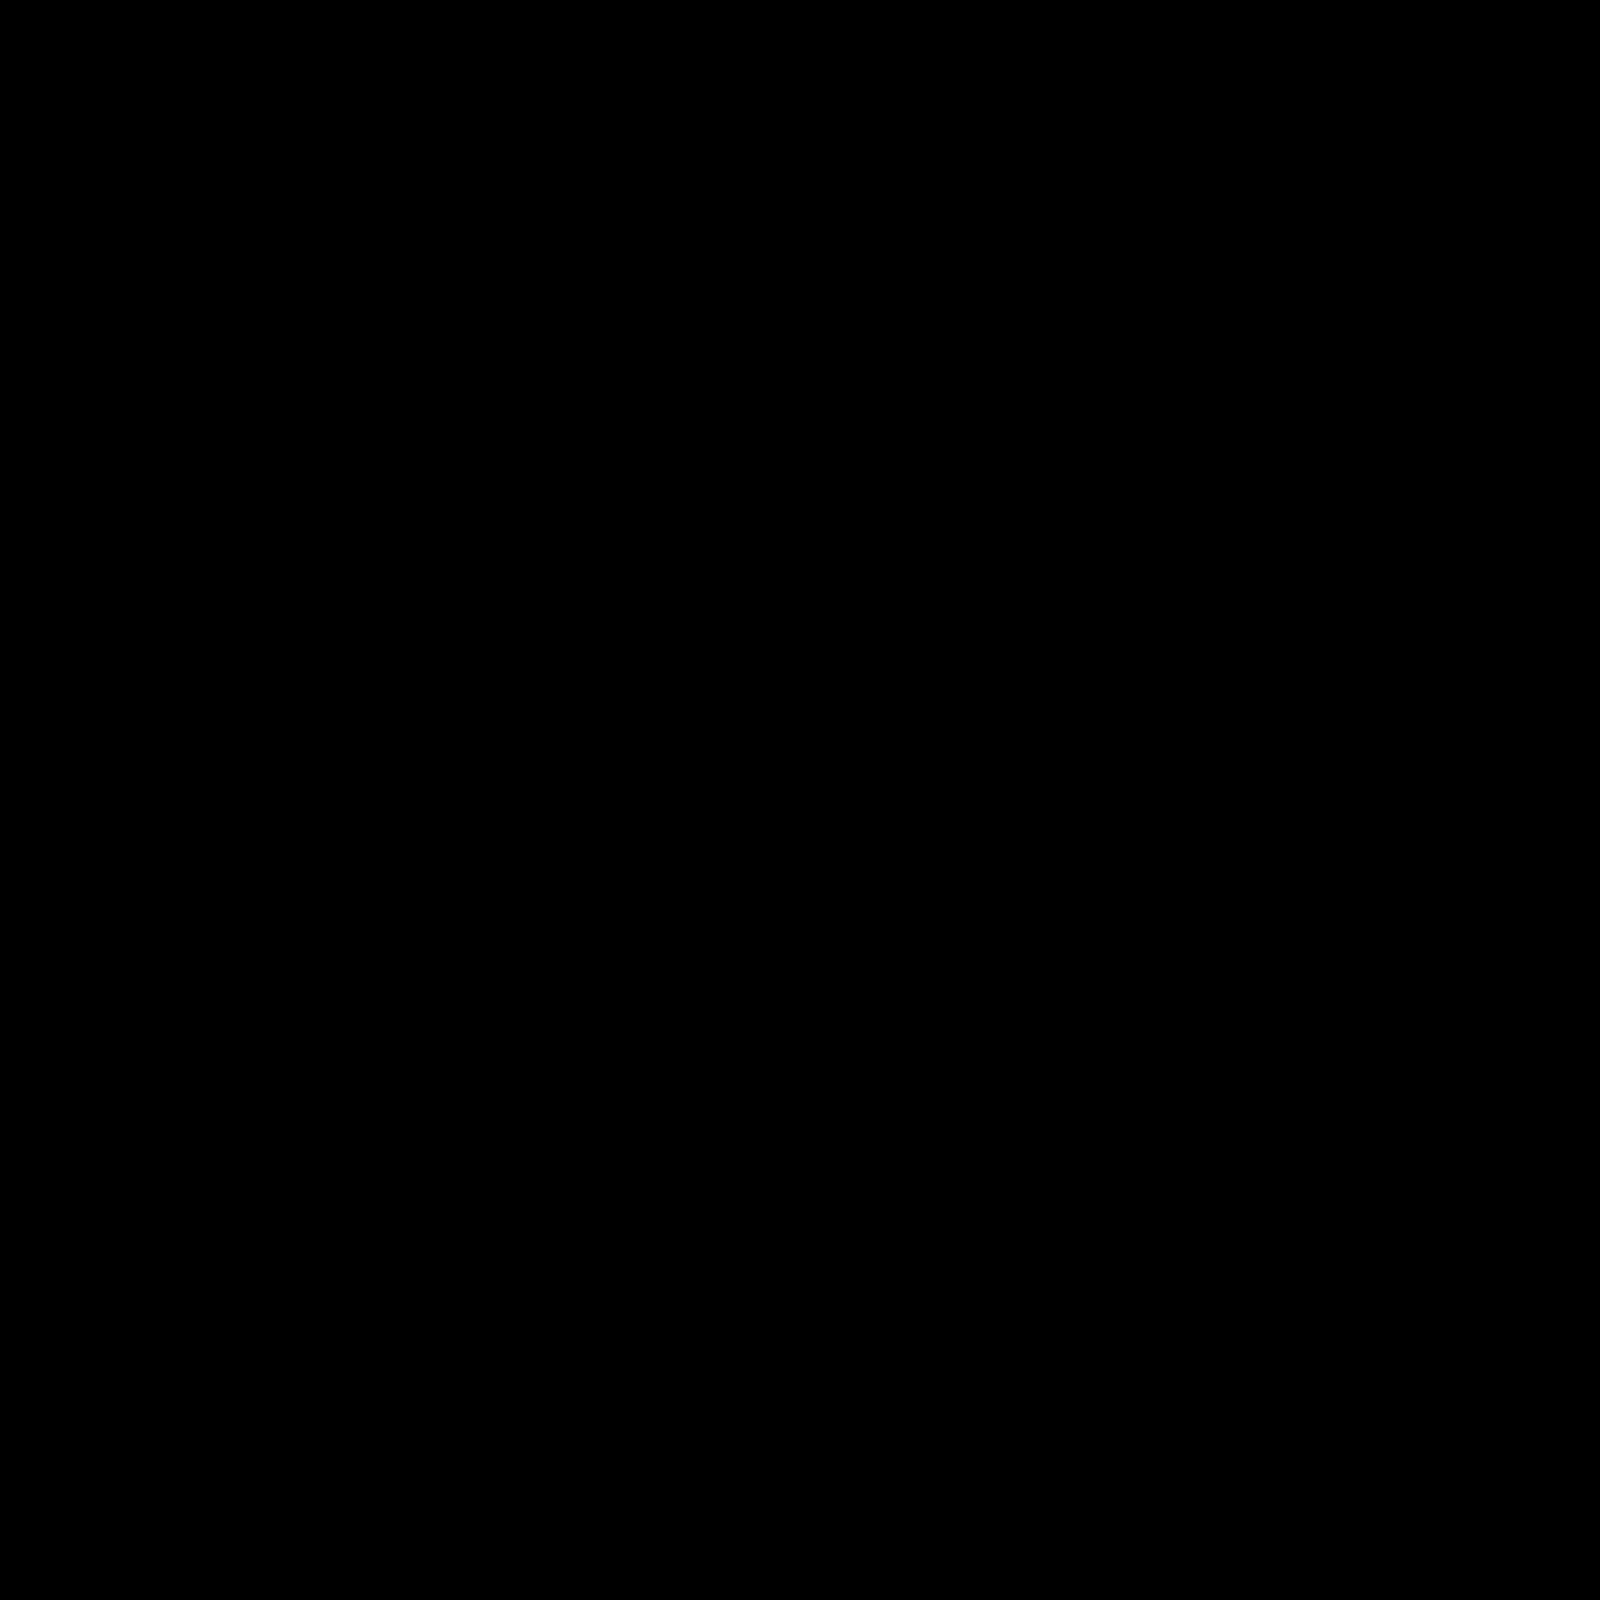 Teste Falha icon